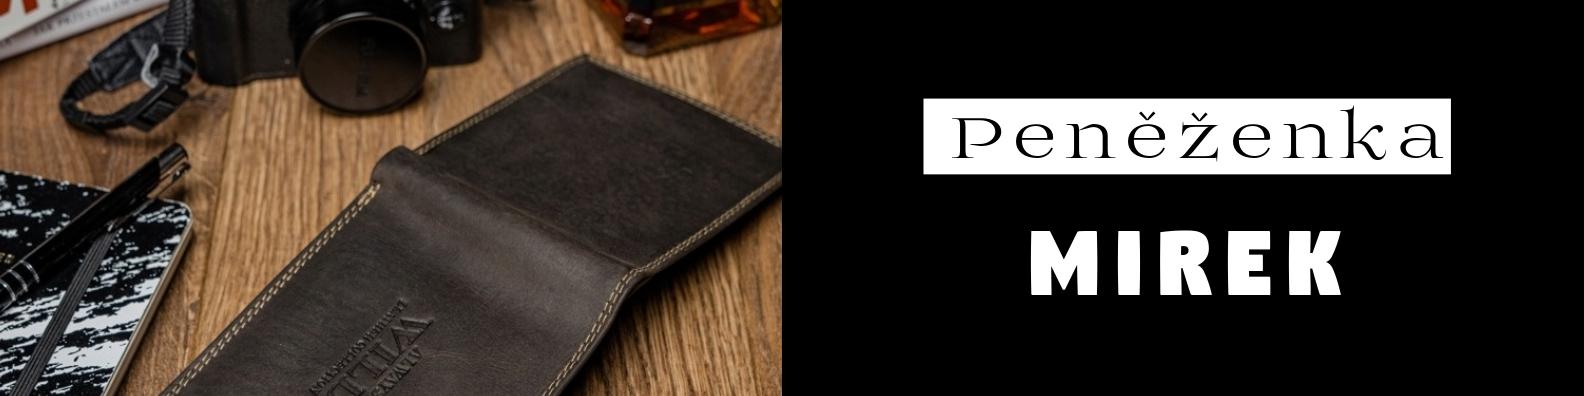 Mirek, Adam, proč takový název peněženky?